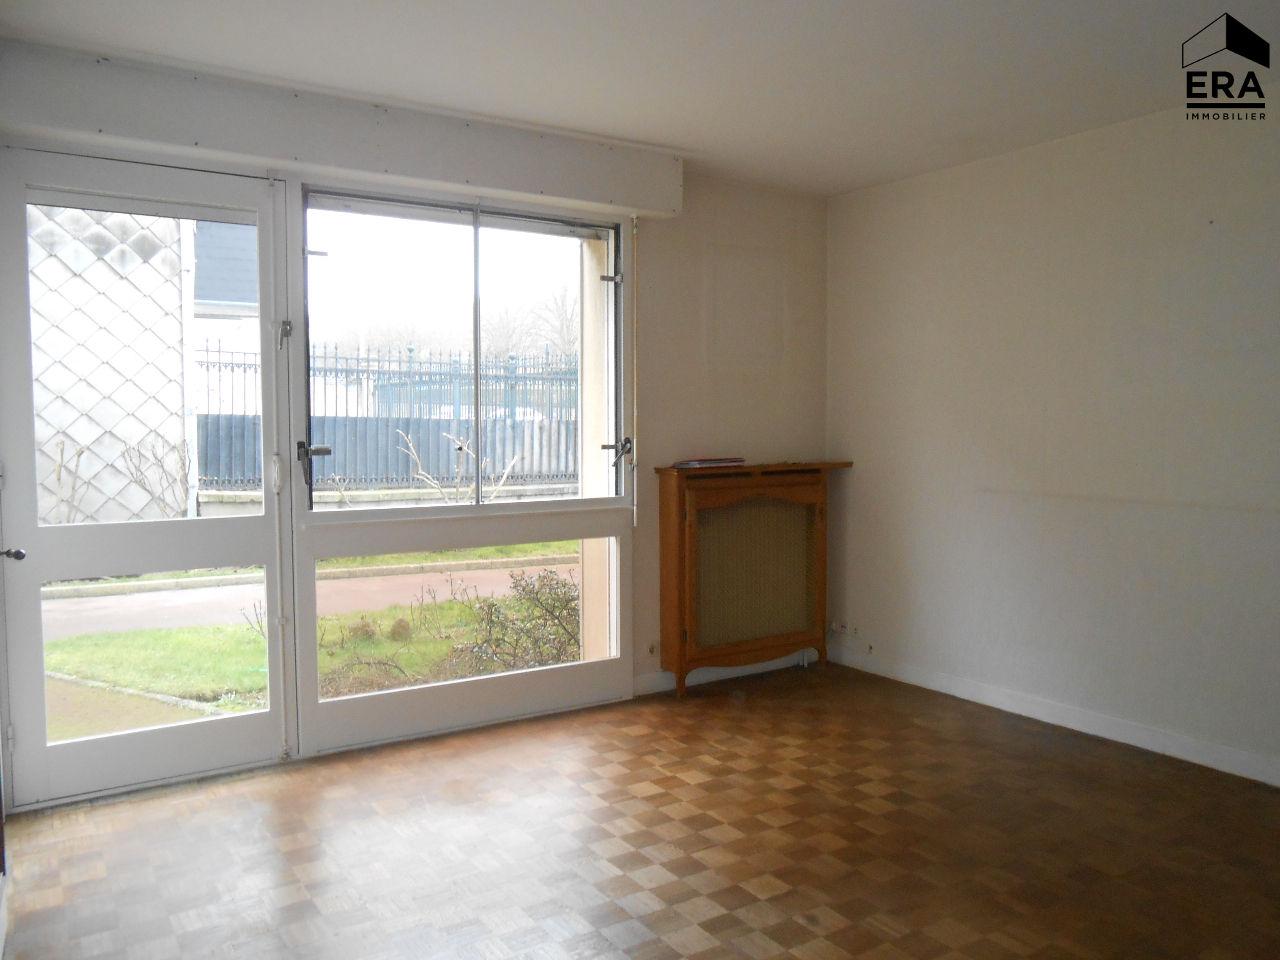 le bon coin pour se loger a boulogne sur mer appartement a vendre 2 pieces 1 chambre sejour. Black Bedroom Furniture Sets. Home Design Ideas